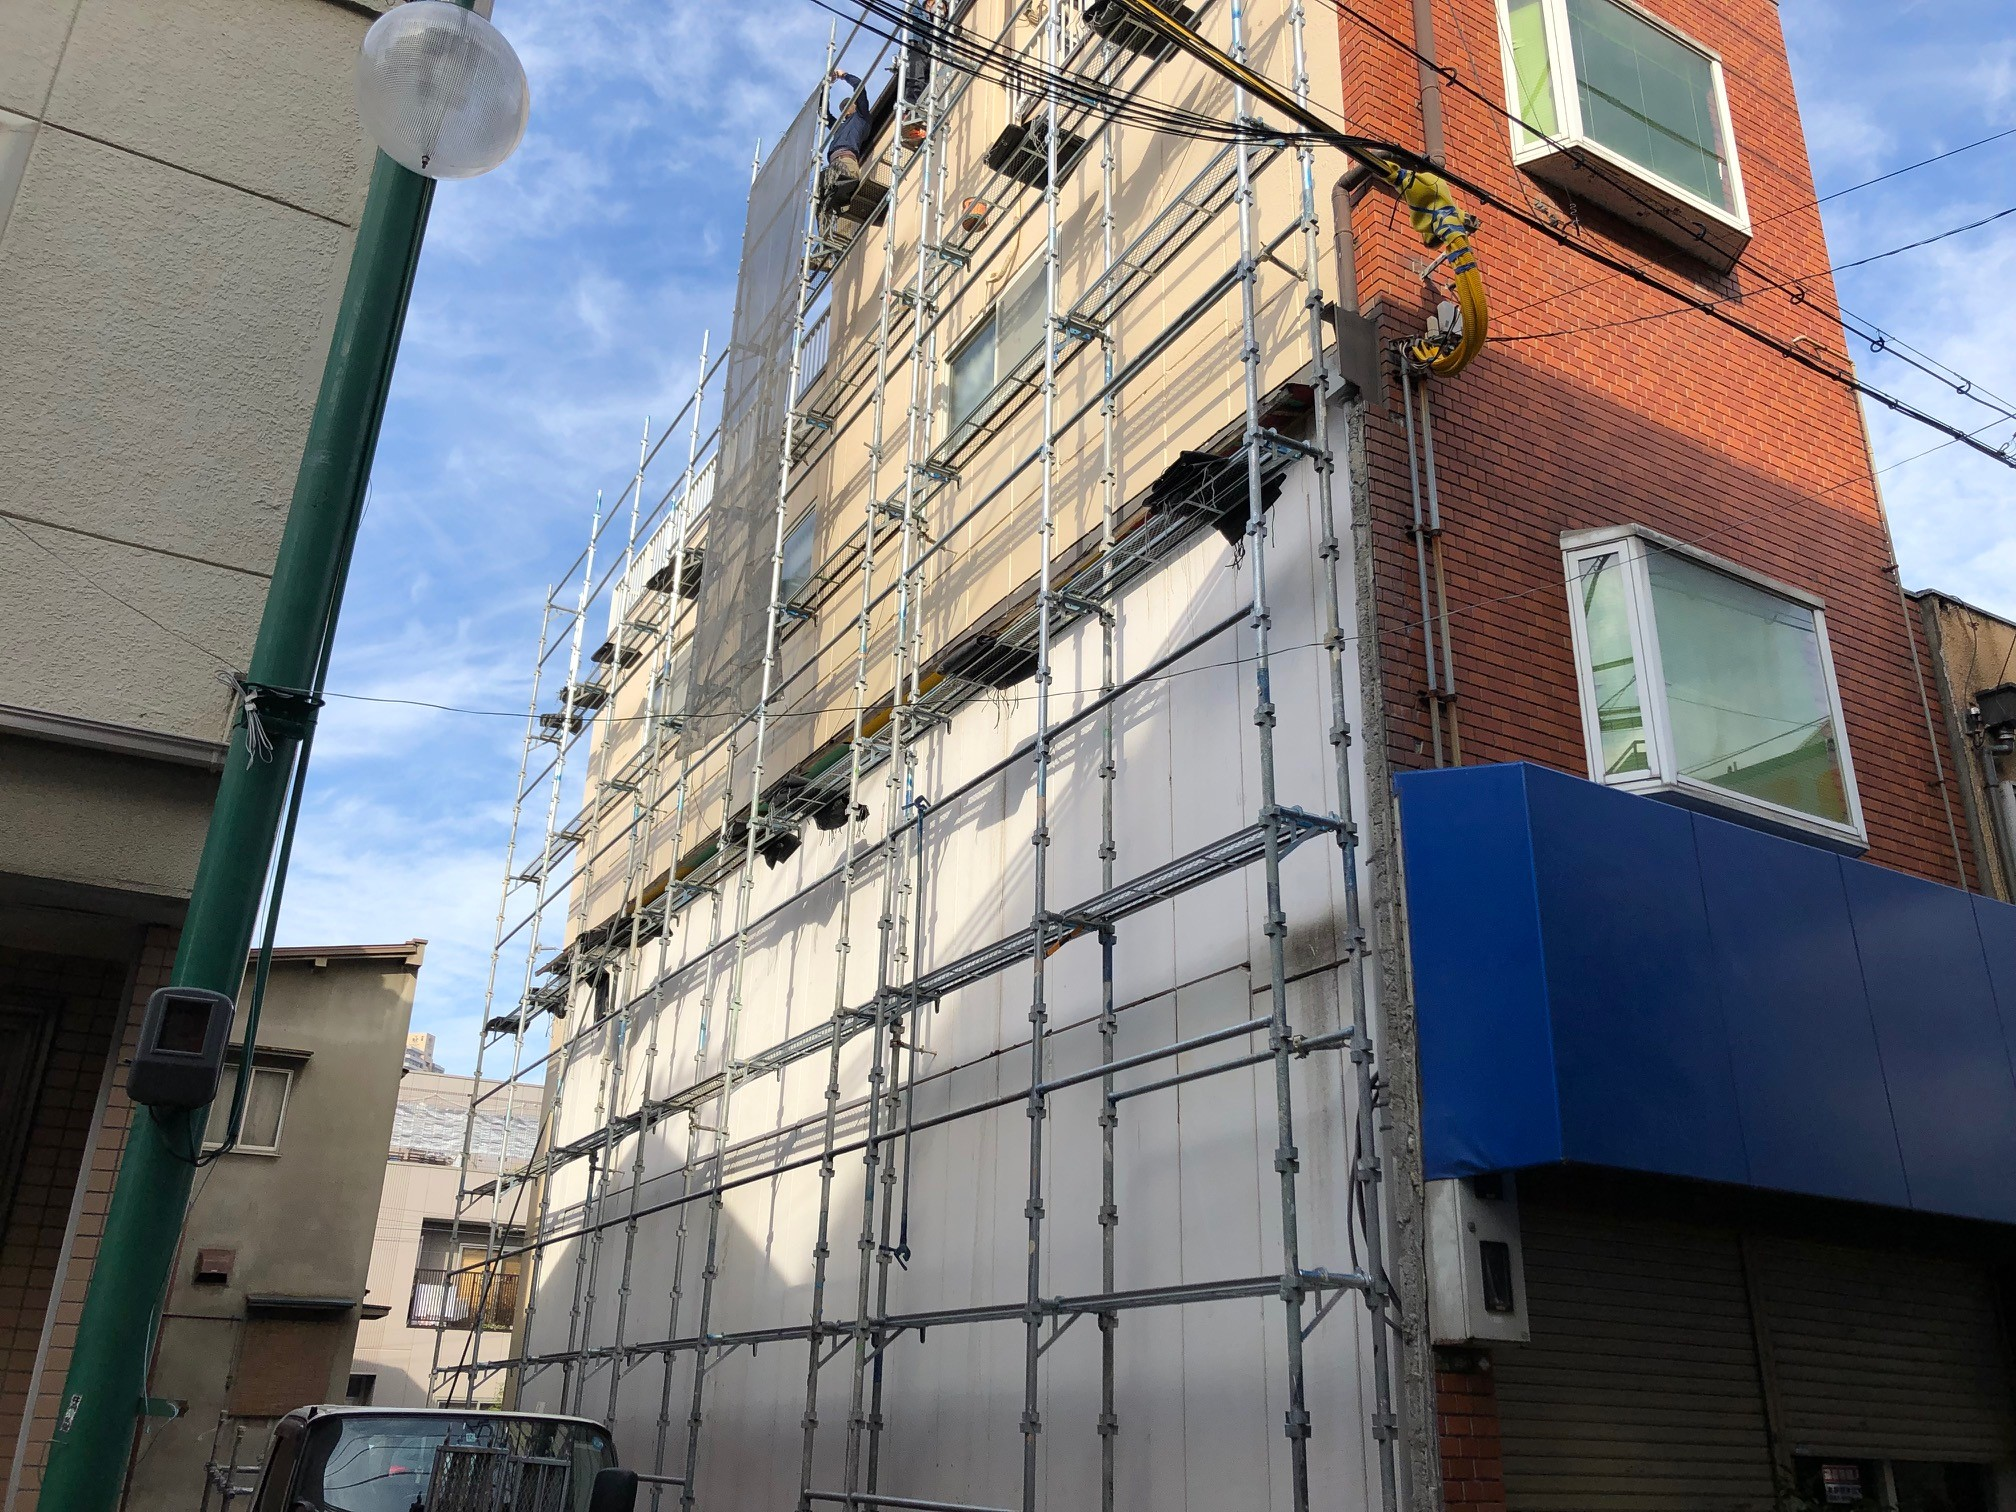 大正区の現場にて、外壁塗装を行うための足場工事が着工しました。